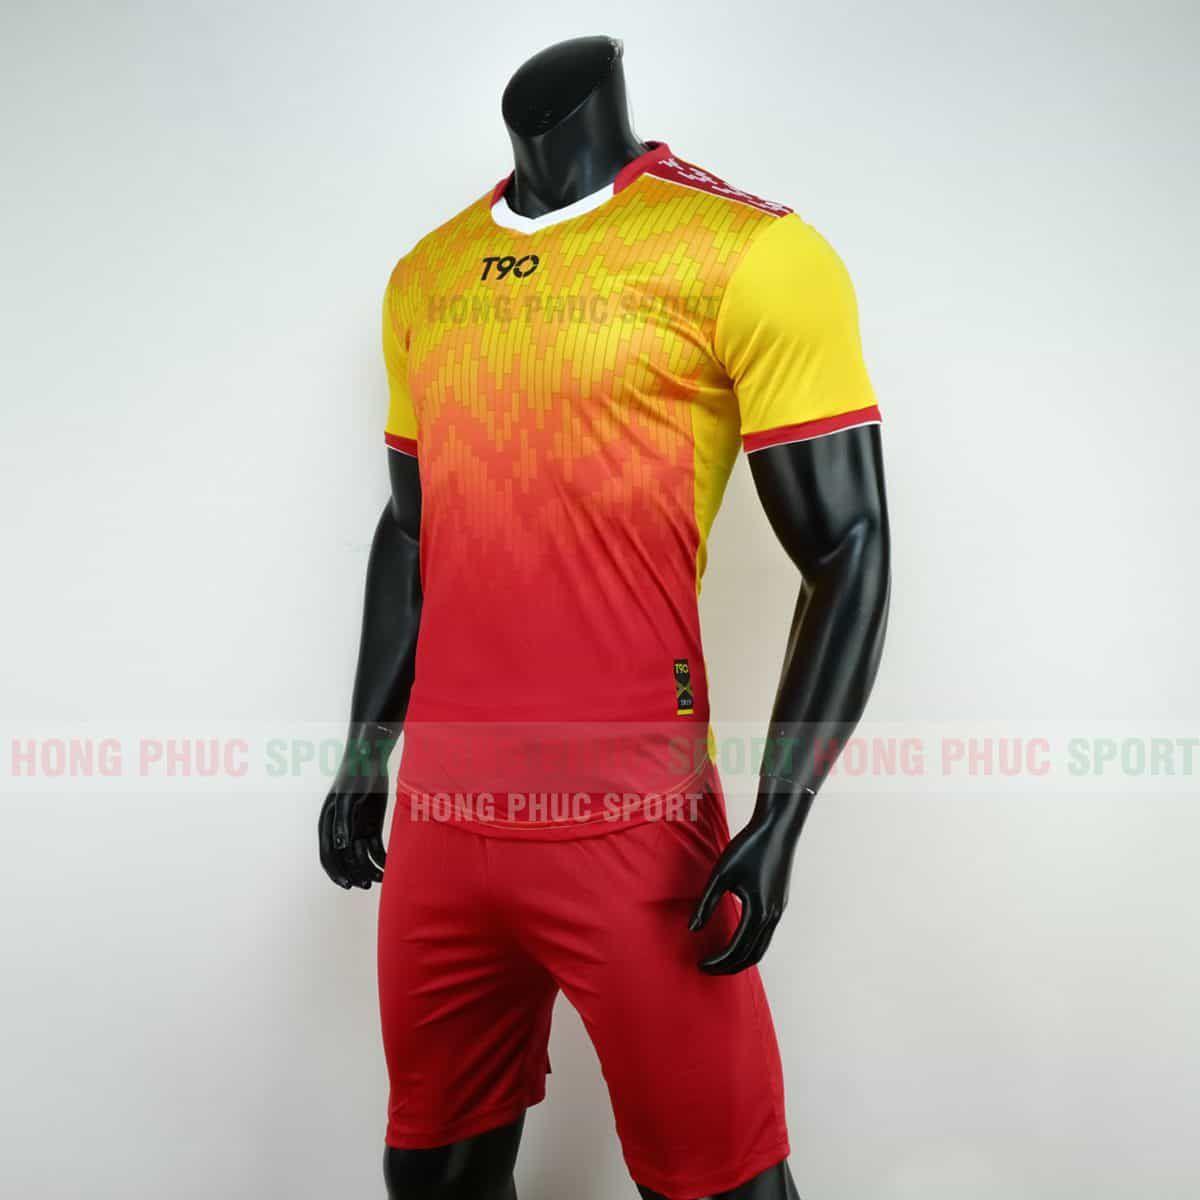 https://cdn.hongphucsport.com/unsafe/cdn.hongphucsport.com/dothethao.net.vn/wp-content/uploads/2019/08/ao-da-bong-t90-mau-do-vang-khong-logo-2019-2020-2.jpg